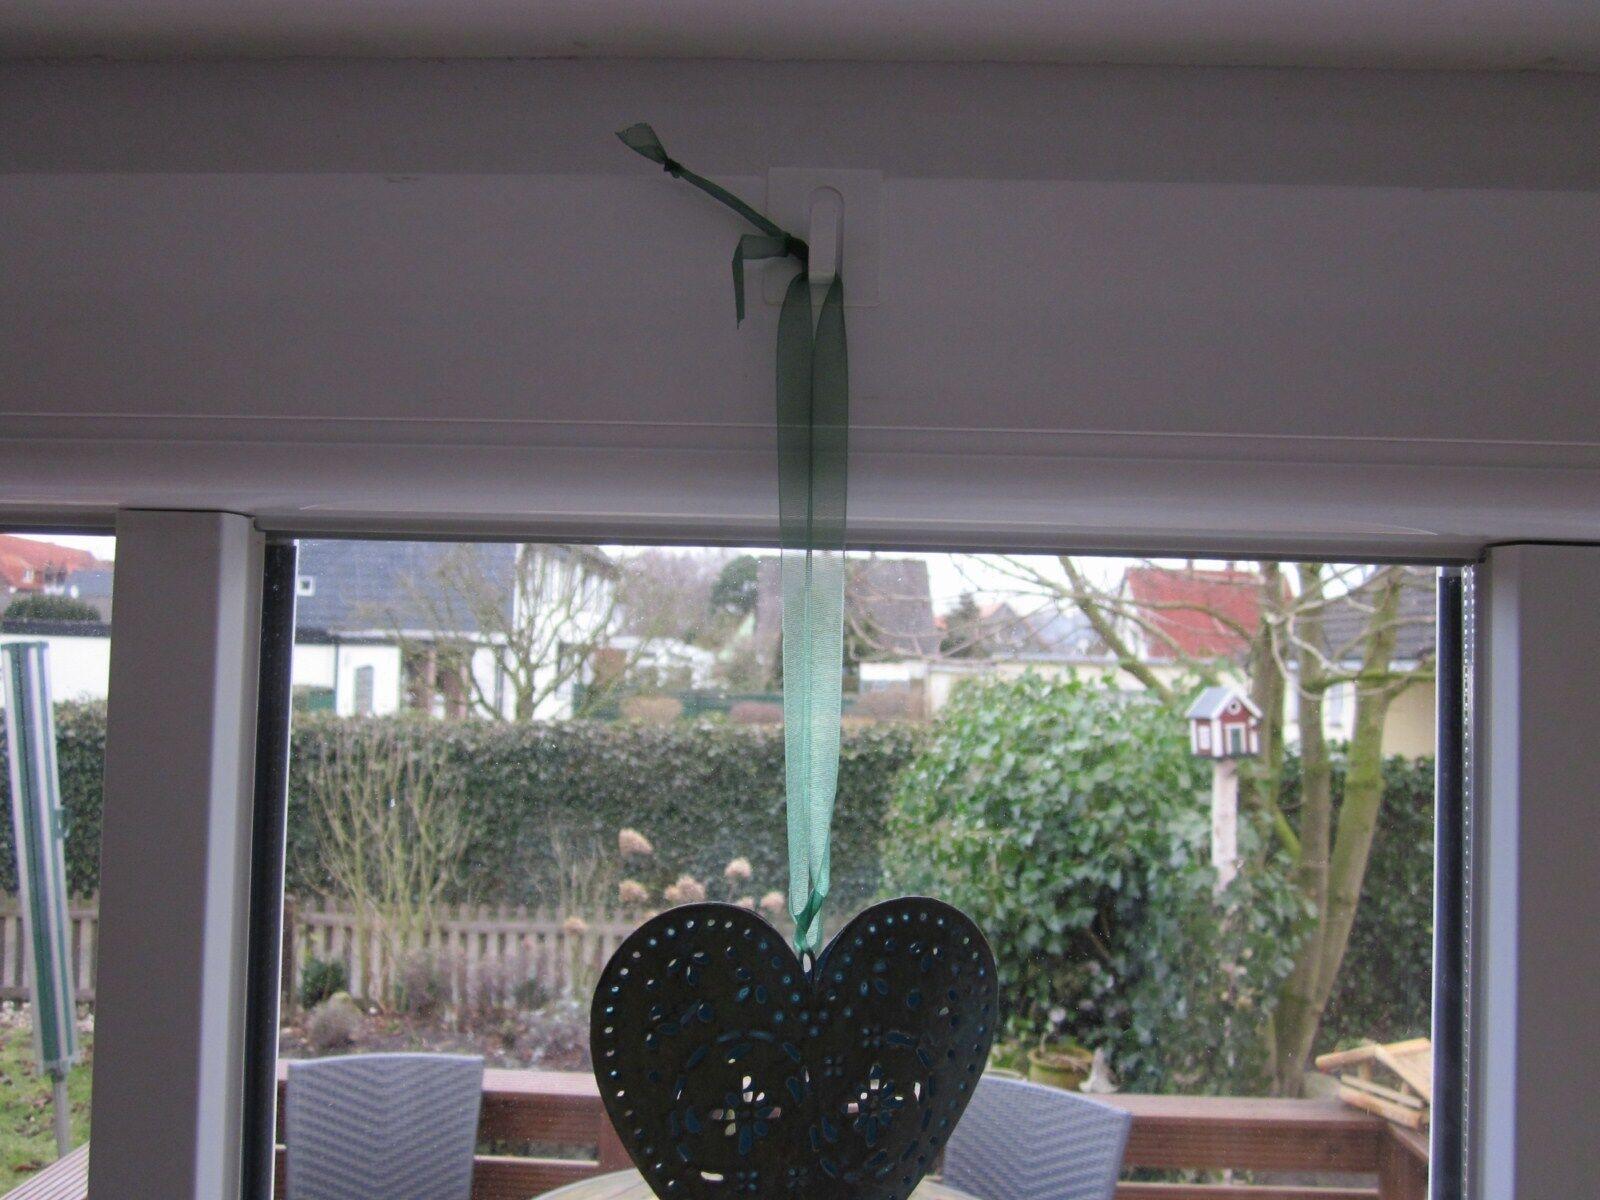 10 Fensterklipp braun Haken-Fenster-Aufhänger-Fensterdeko-Fensterhaken-504503